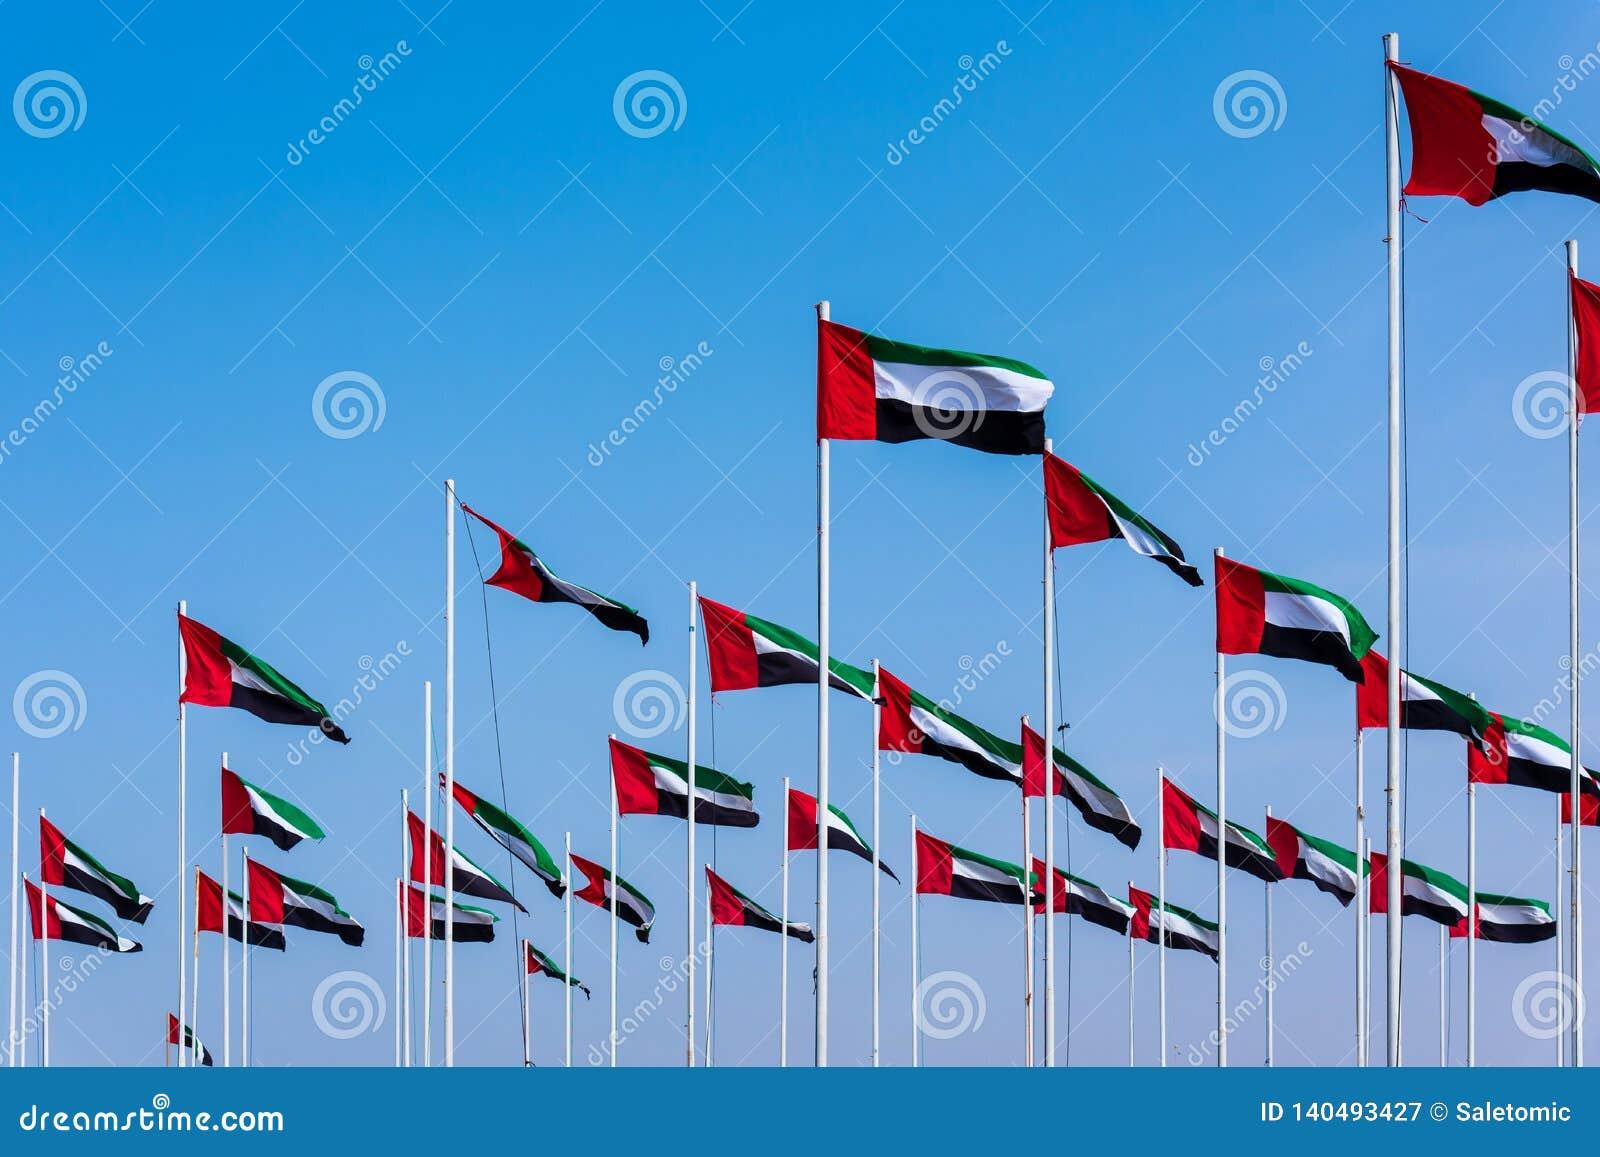 Σημαίες των Ηνωμένων Αραβικών Εμιράτων που τυλίγουν στον αέρα ενάντια στο μπλε ουρανό